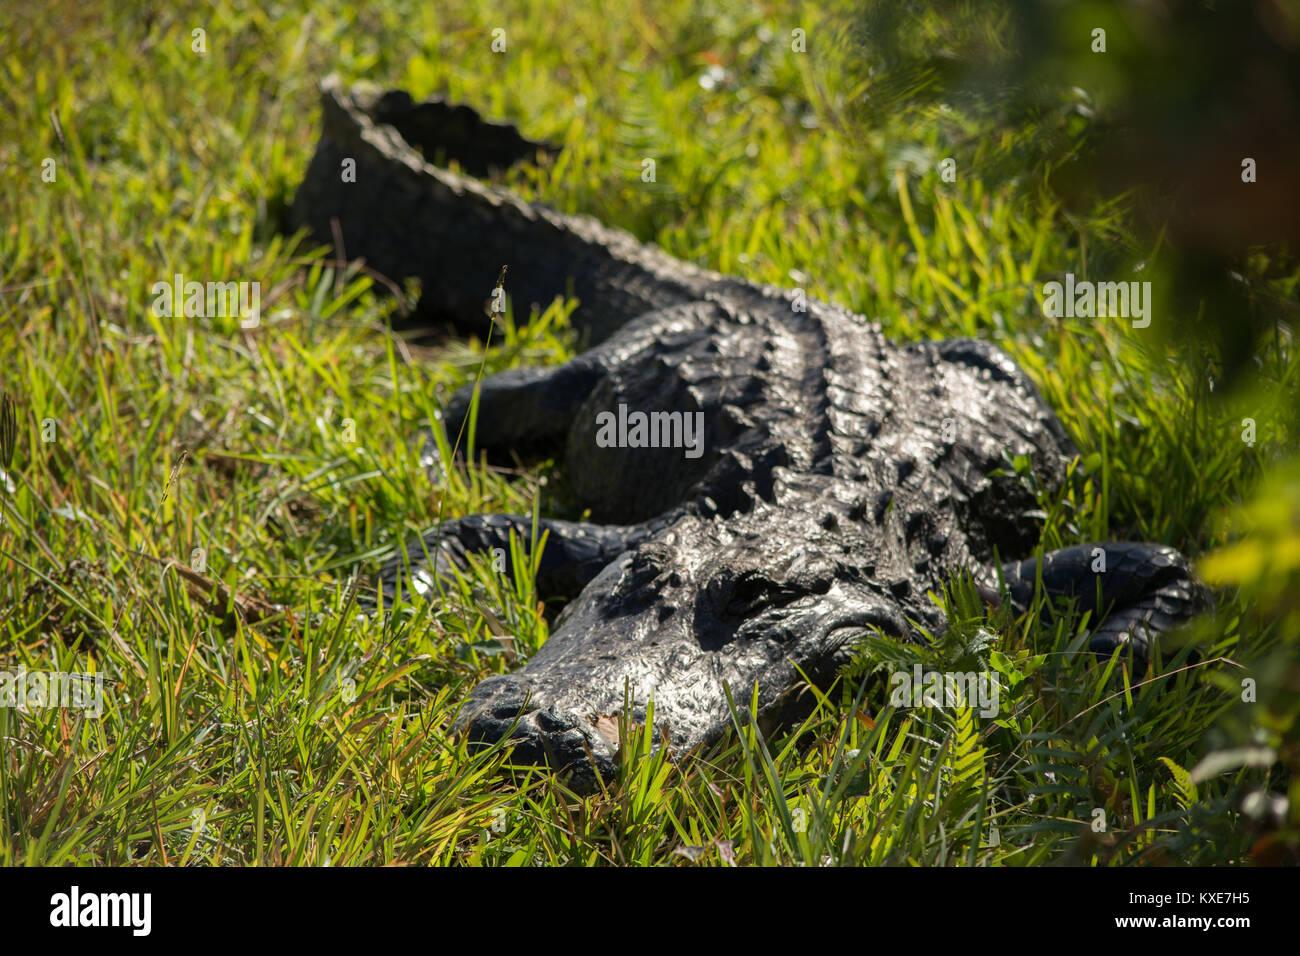 Il coccodrillo americano (Alligator mississippiensis) da Miami-Dade County, Florida, Stati Uniti d'America. Immagini Stock